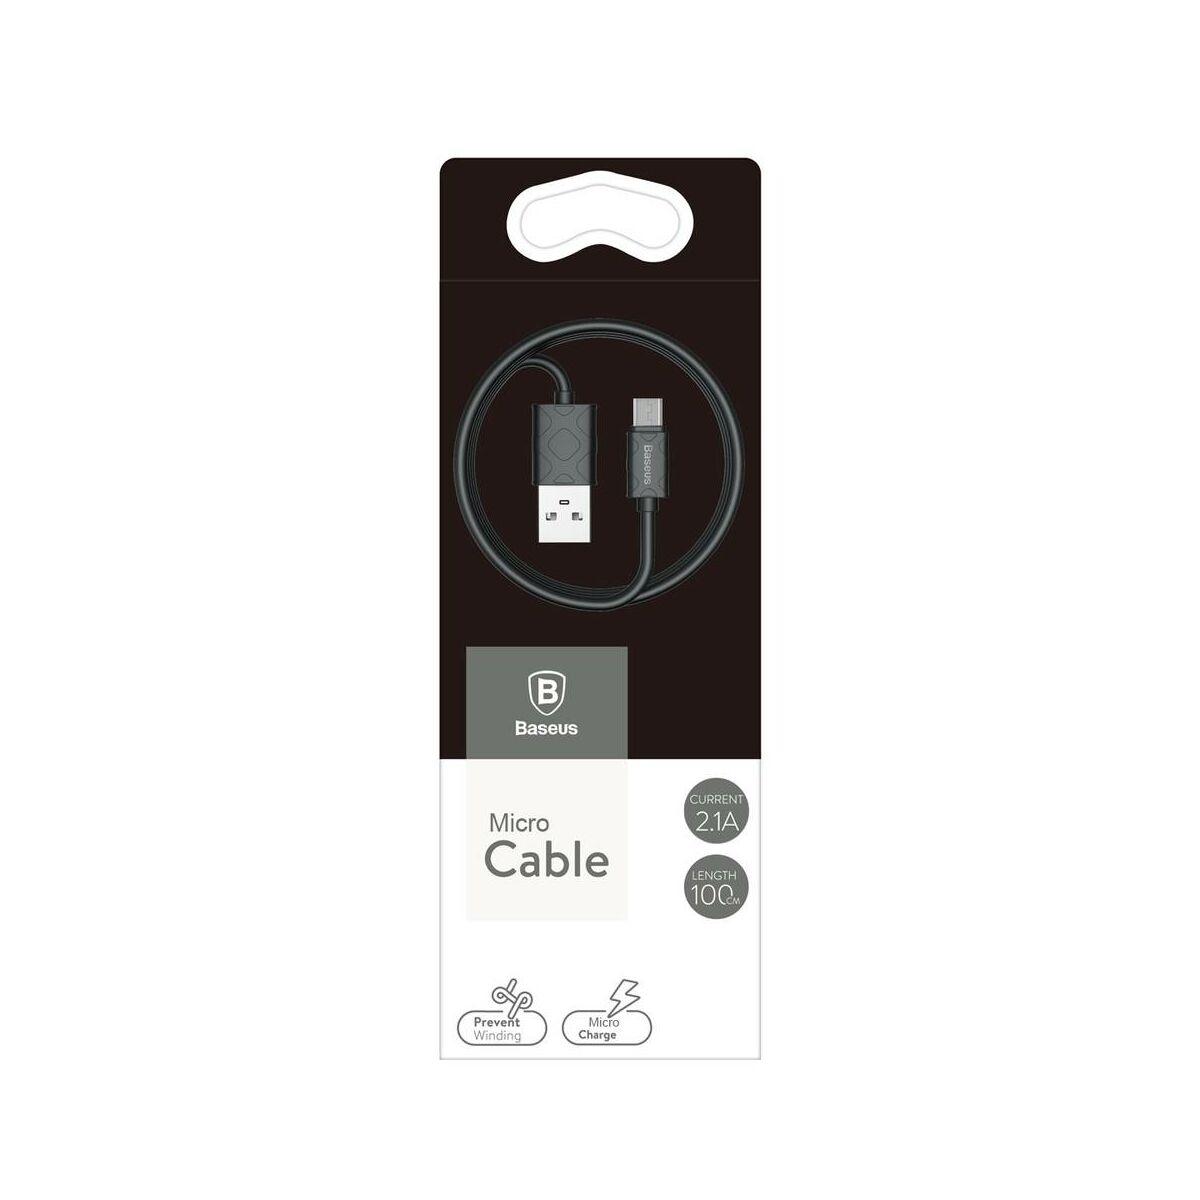 Baseus Micro USB kábel, Yaven kábel, 2.1A, 1m, fekete (CAMUN-01)